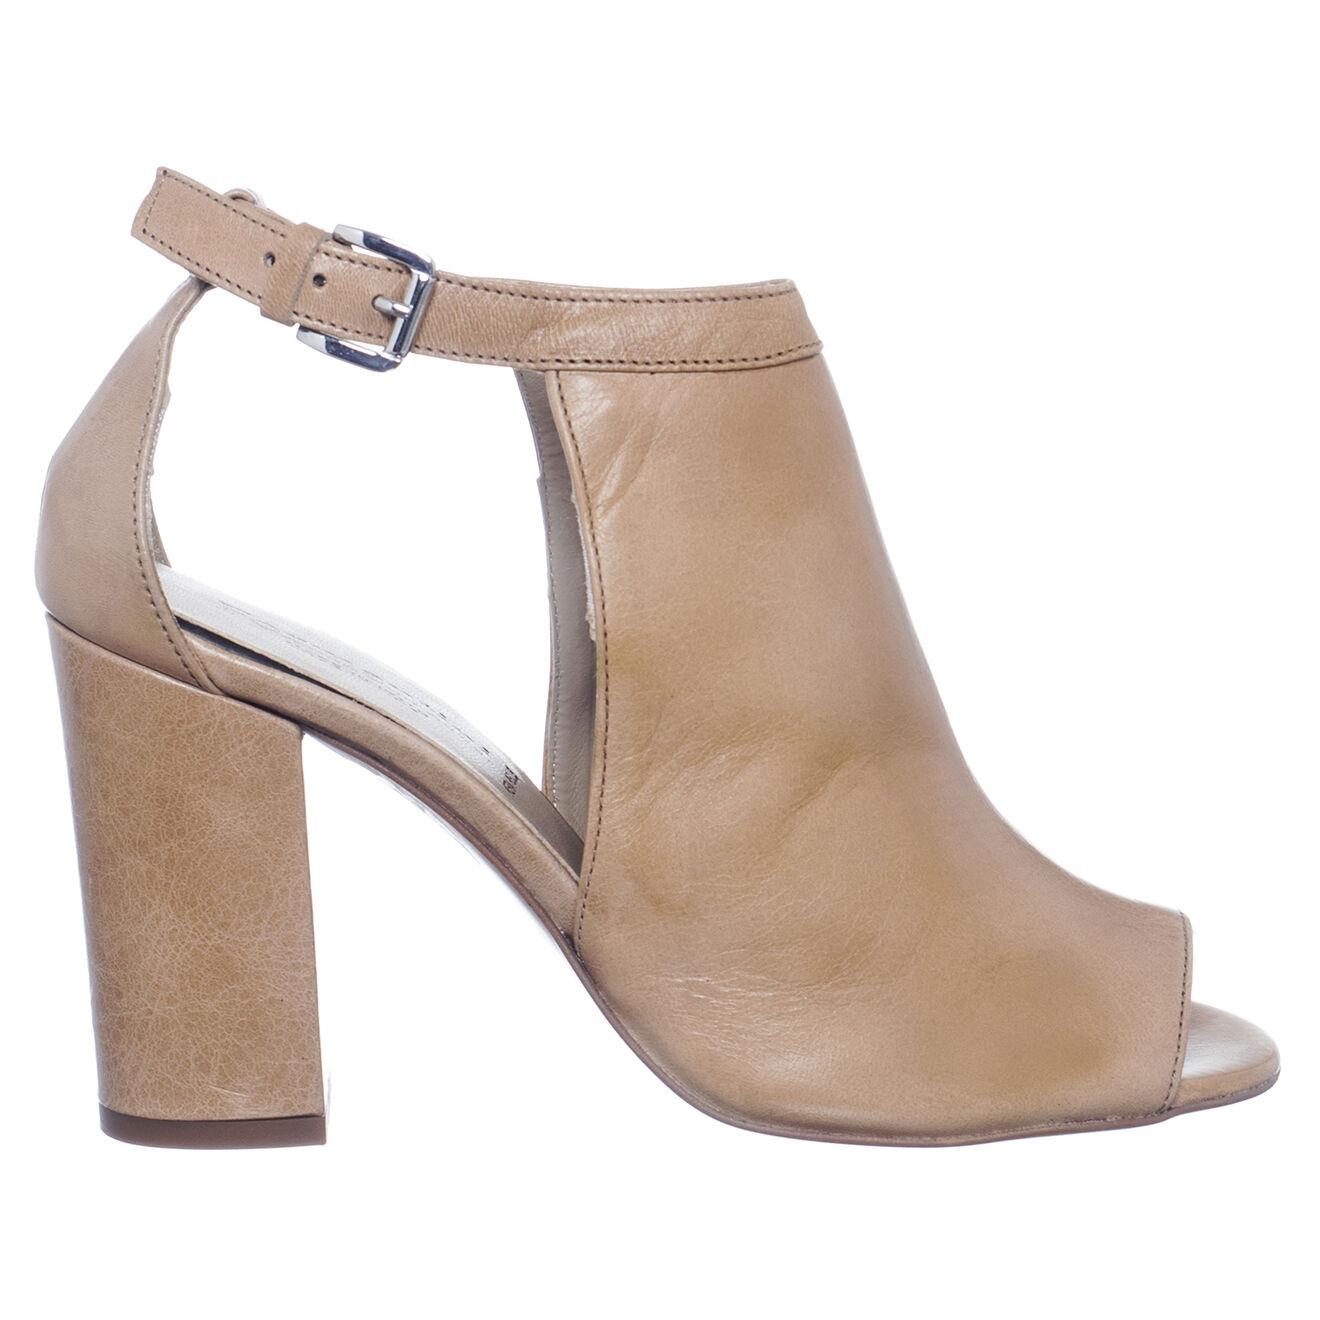 Sandales en Cuir Victoire beiges - Talon 9 cm